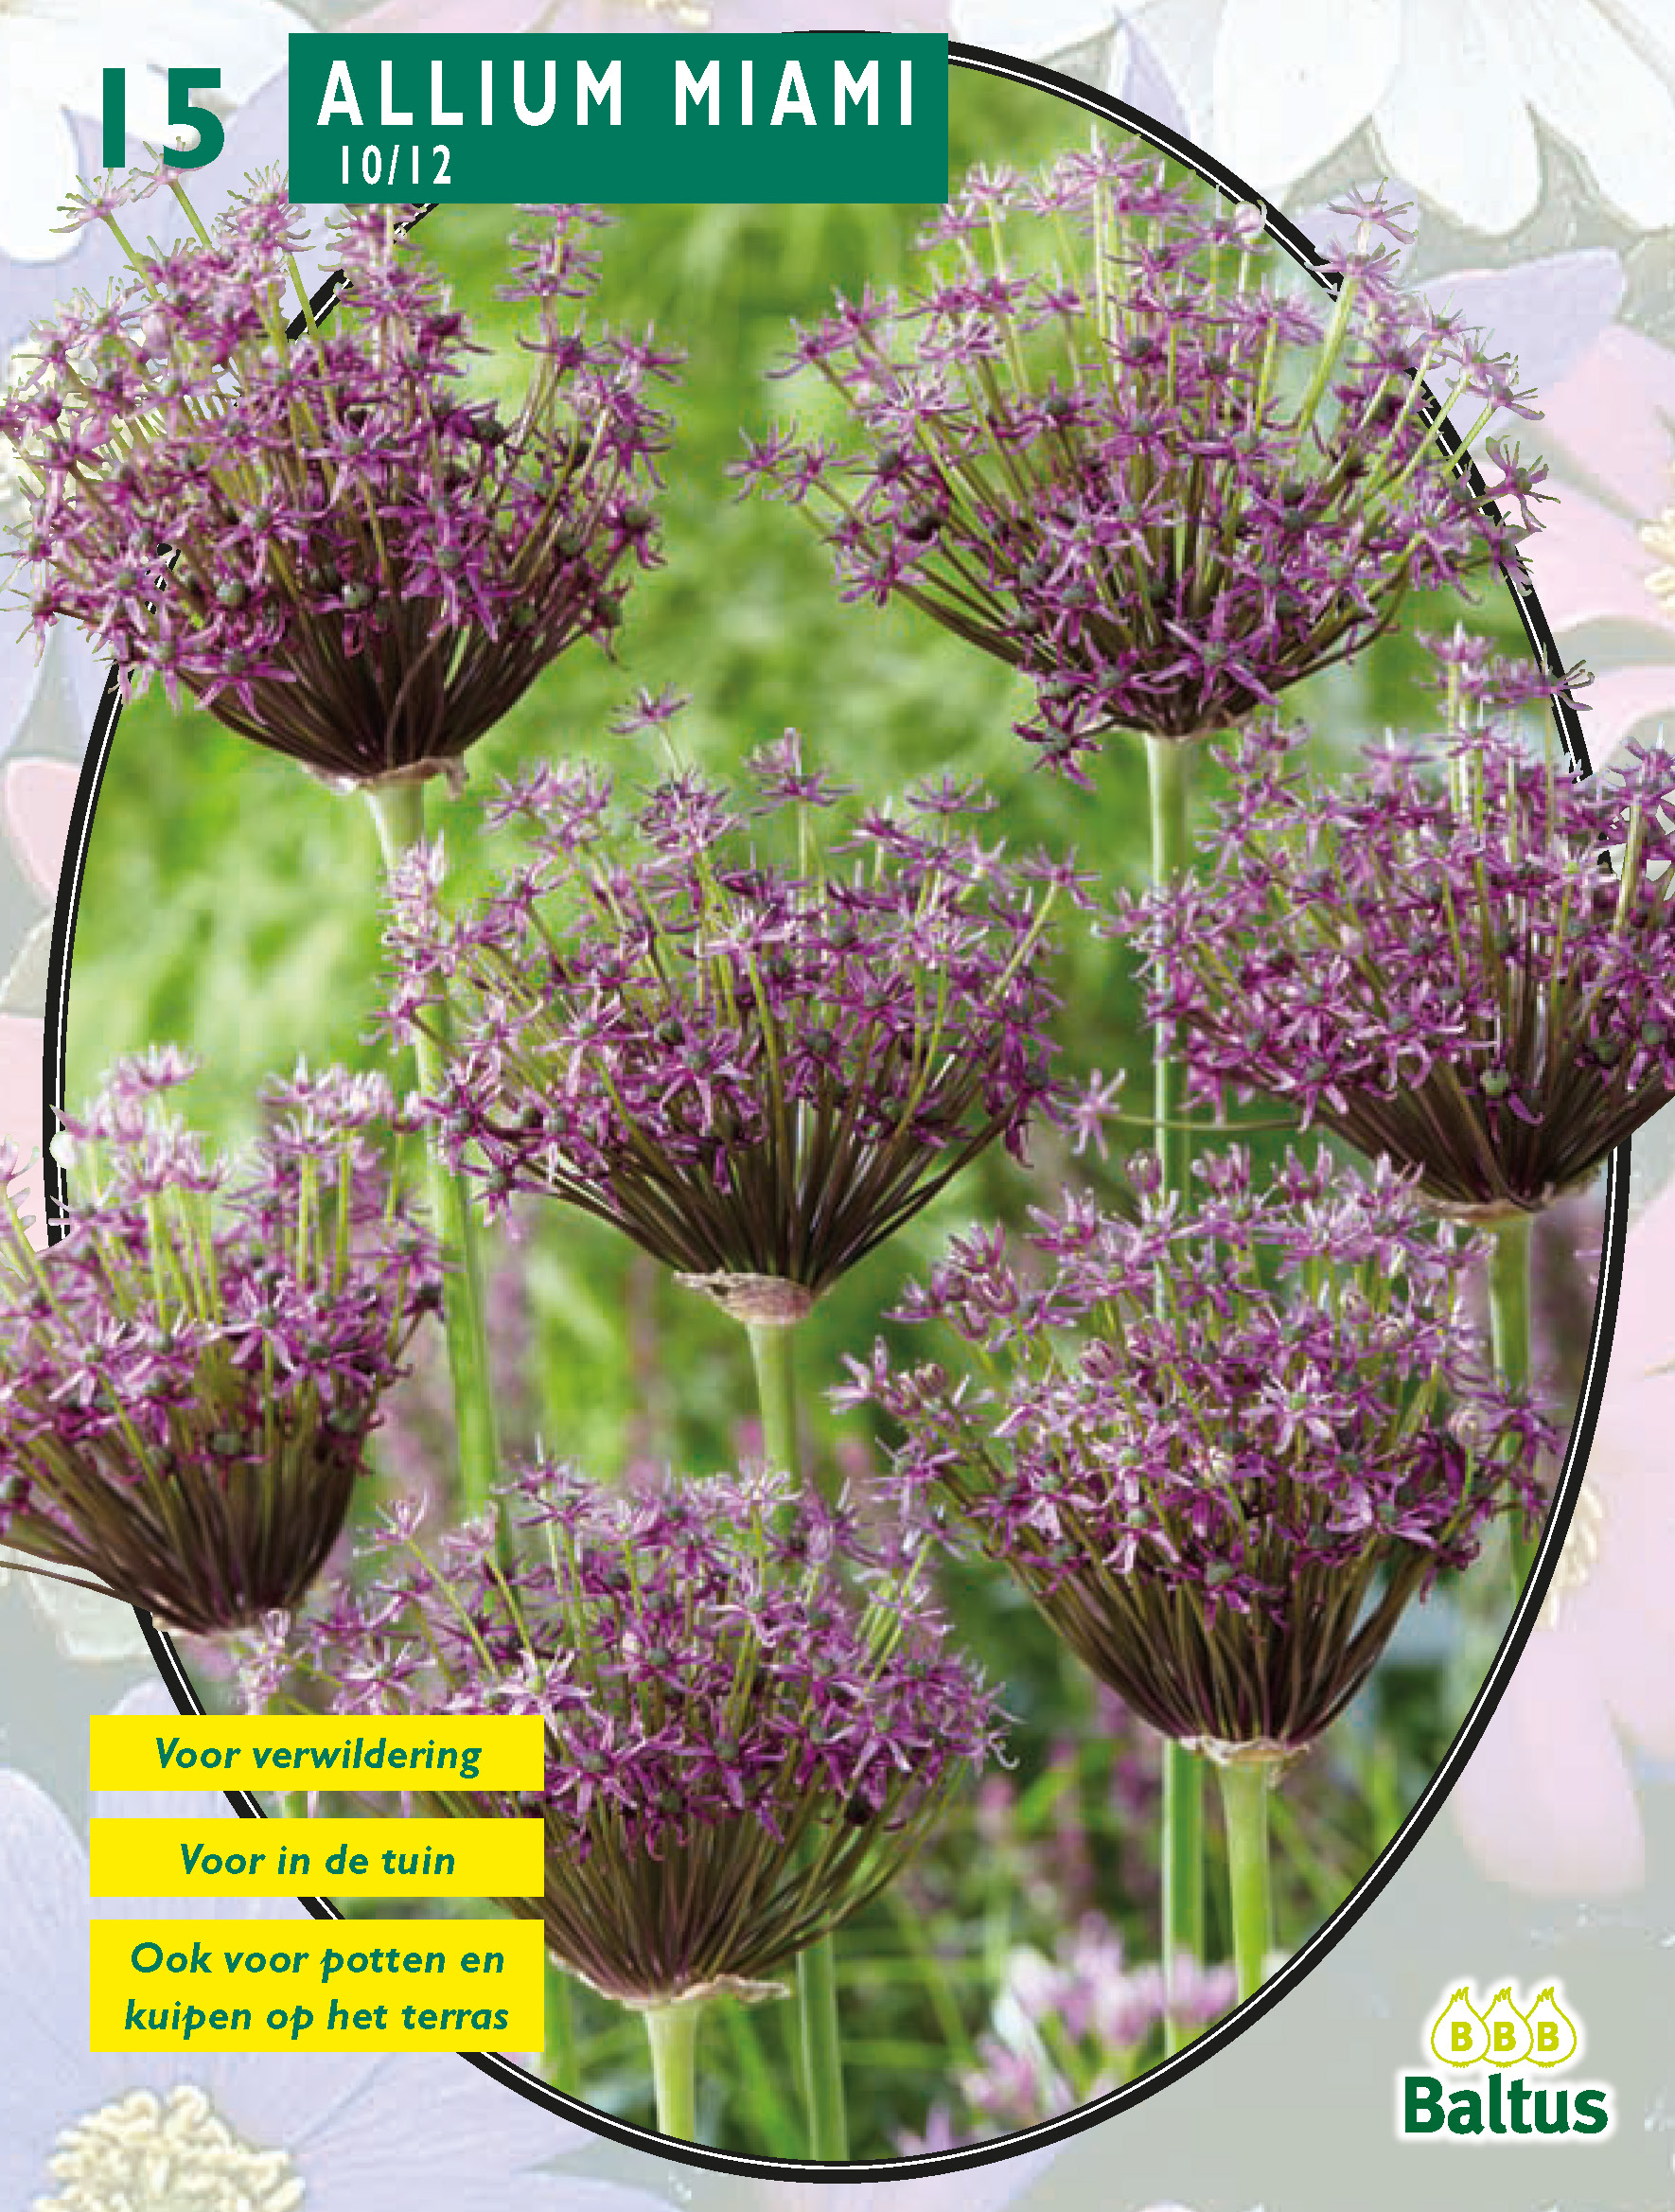 07a7ca2ee 38, 75, Allium Miami per ...